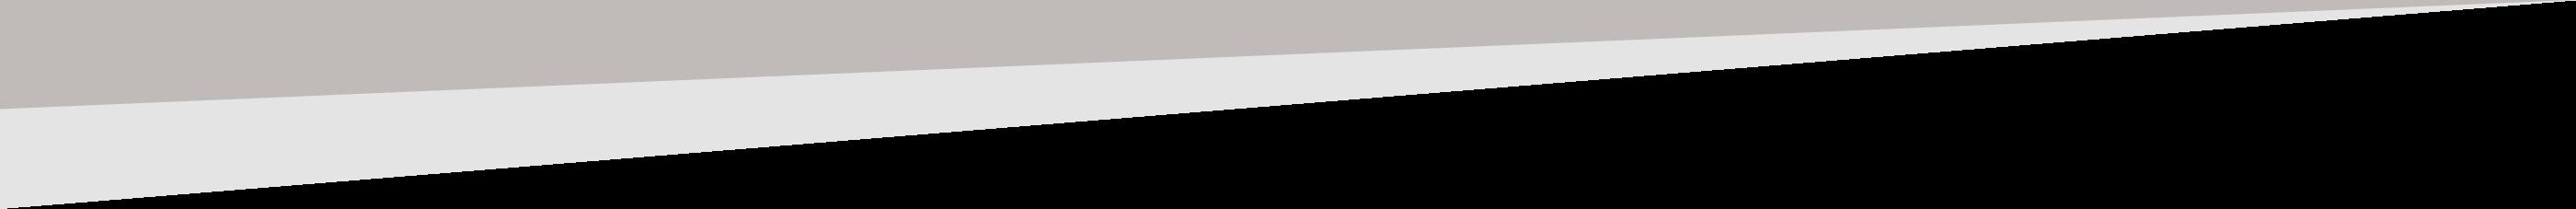 fondo-trasparente1